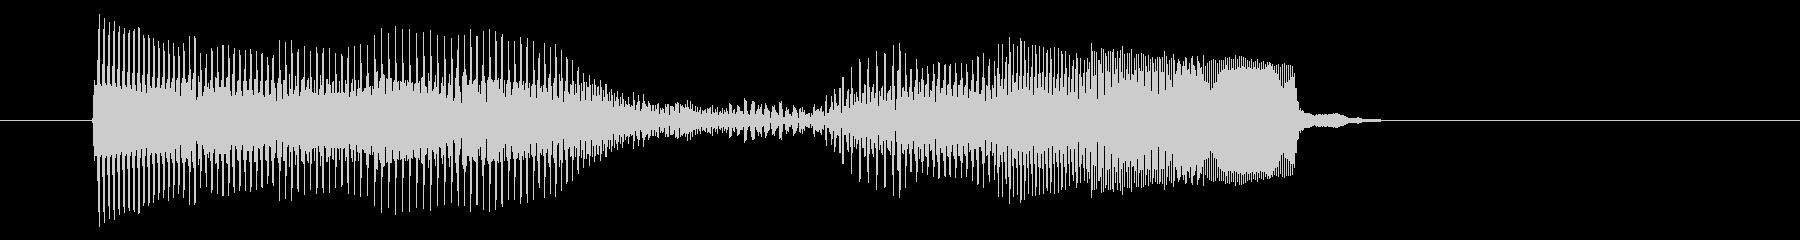 8ビット風システム音-18-1_dryの未再生の波形